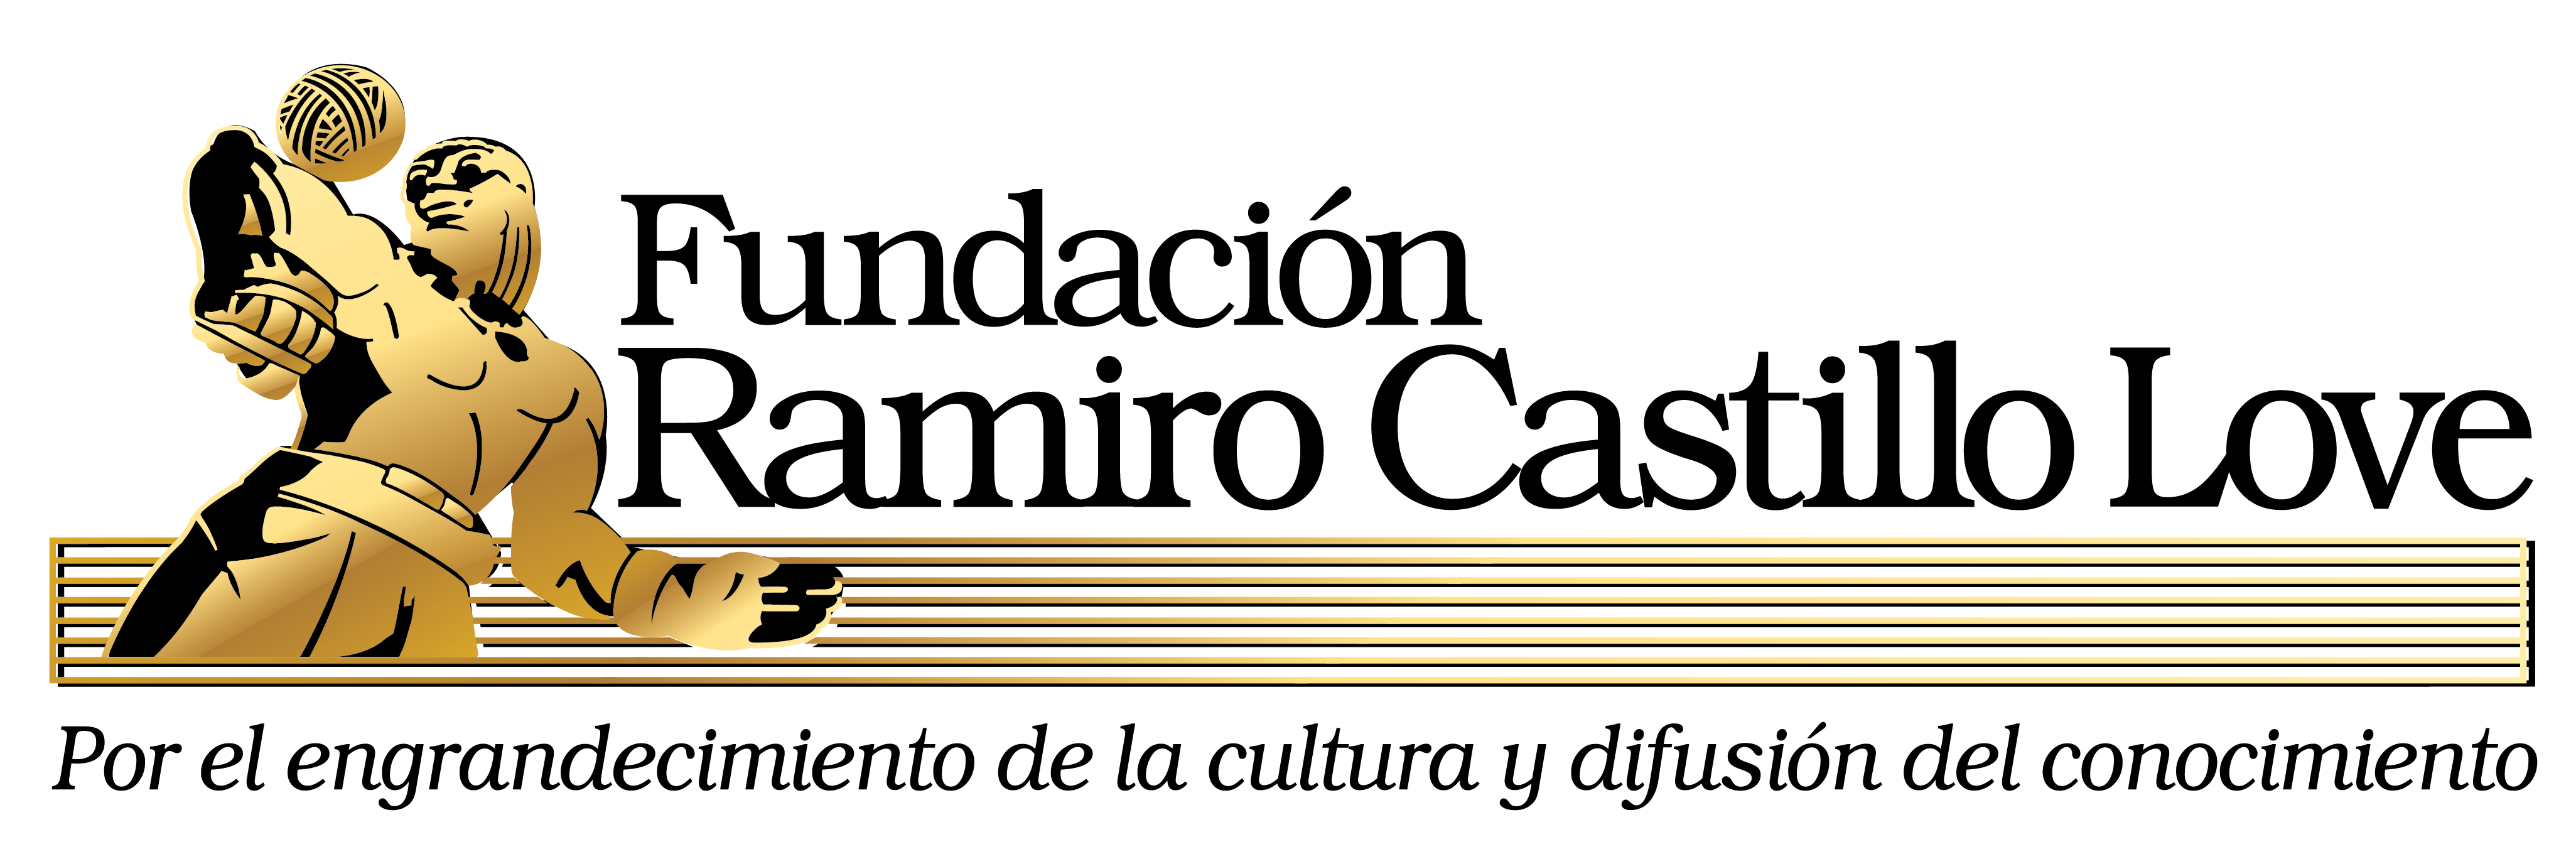 logotipo FRCL-01